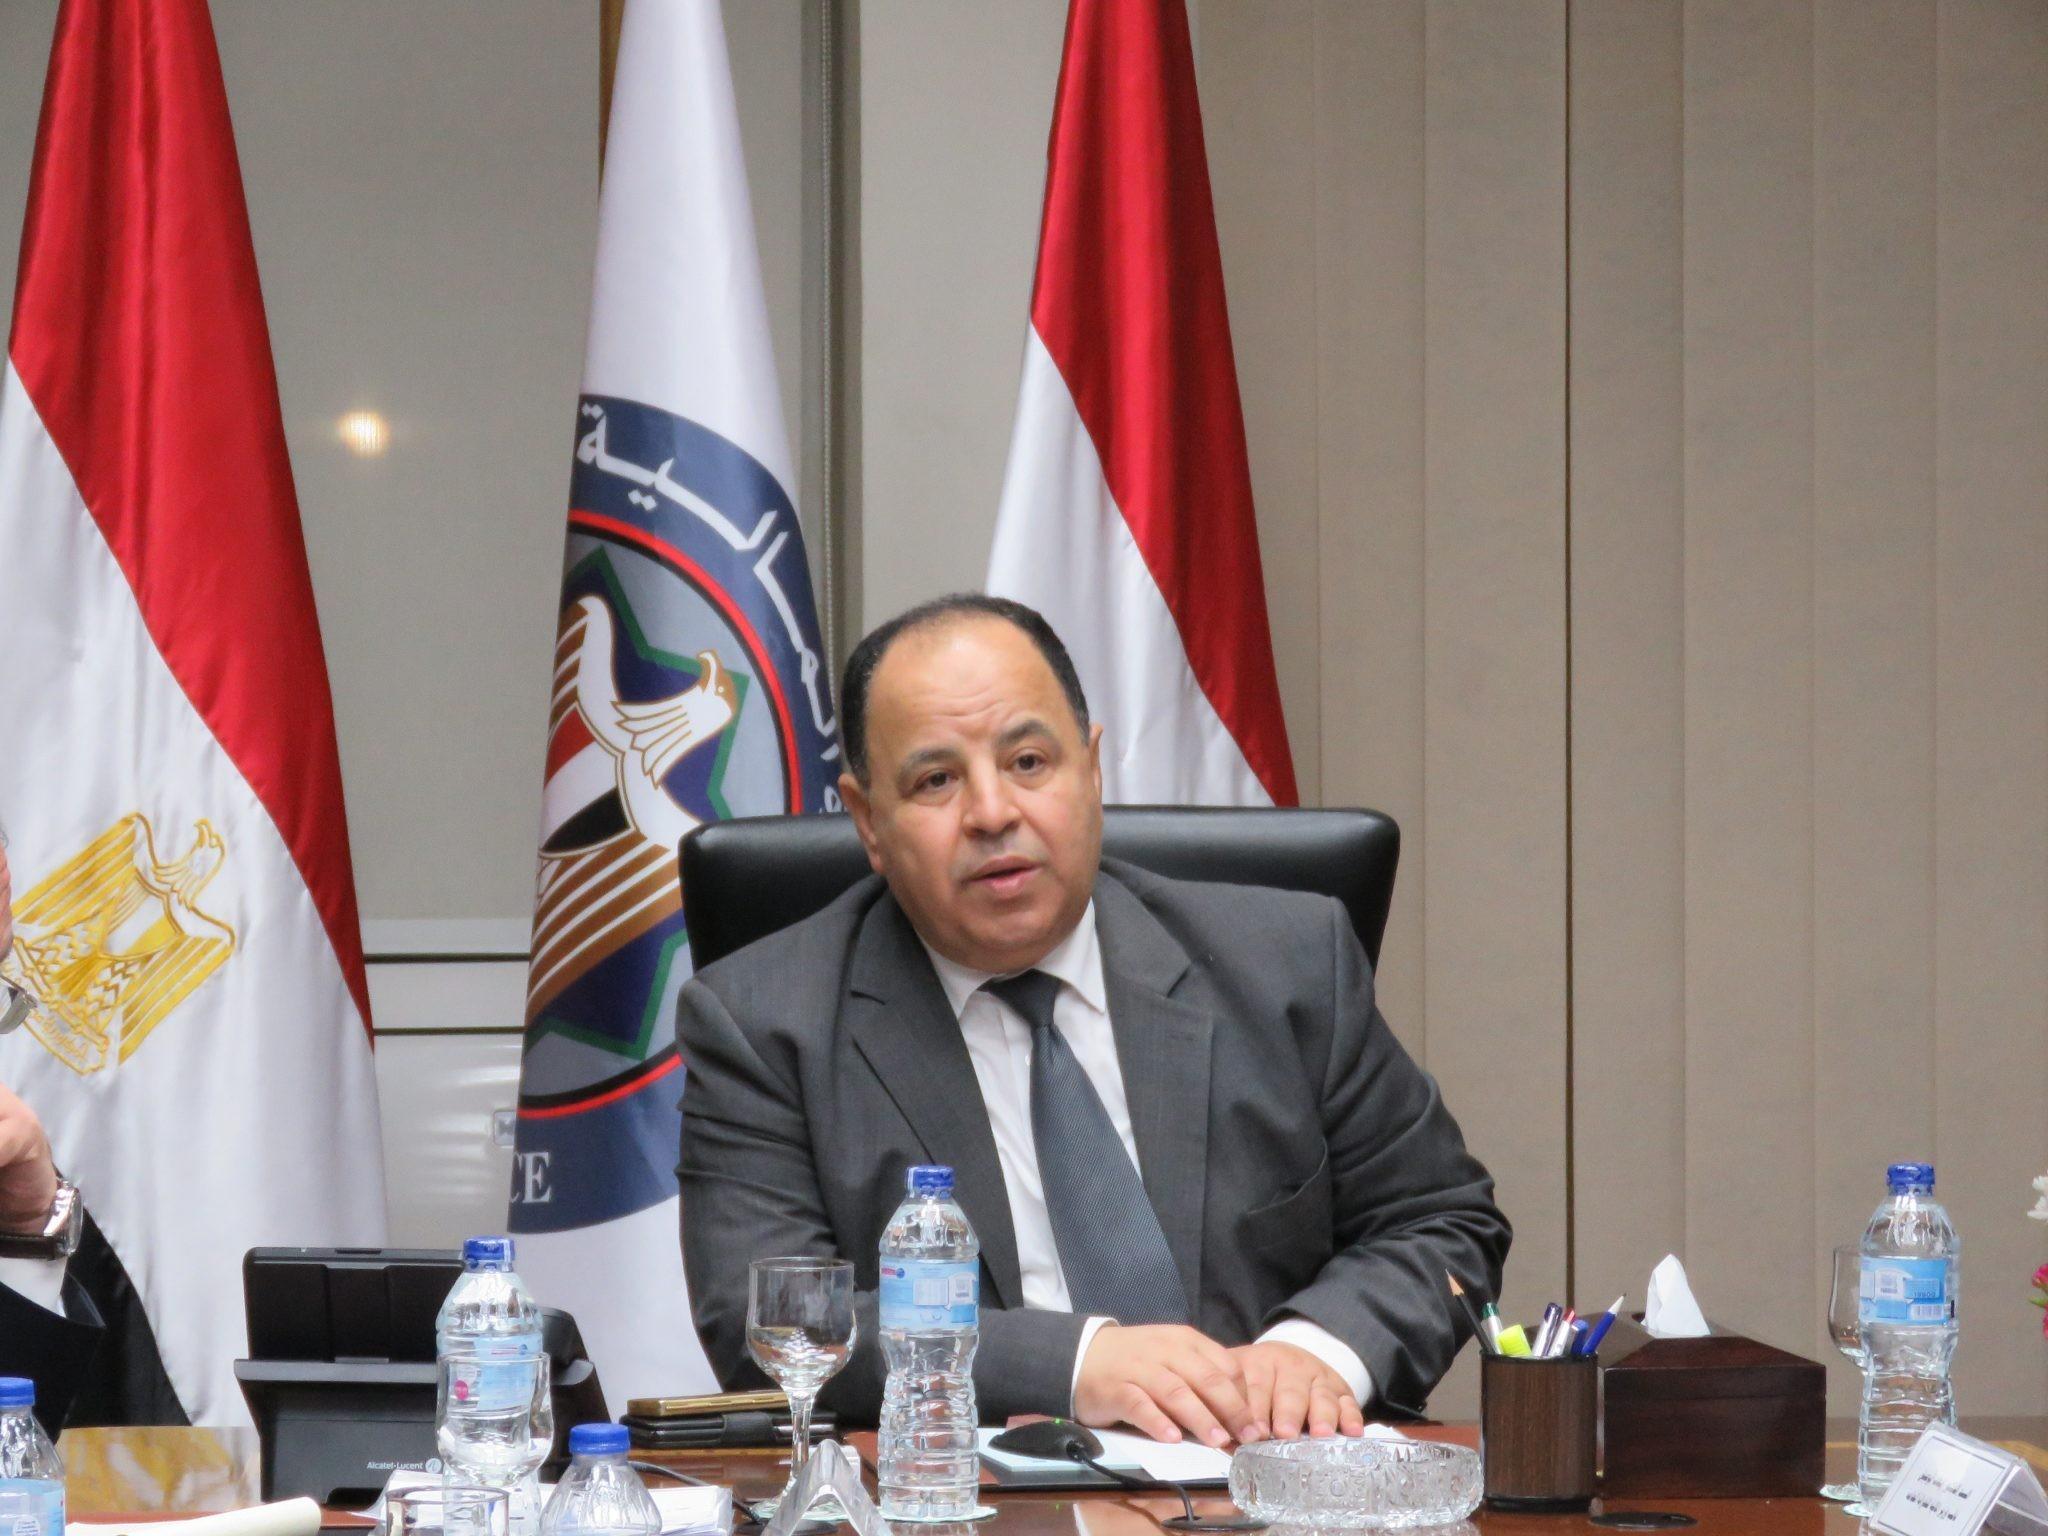 وزير المالية: تكليفات الرئيس بمساندة القطاعات المتضررة من كورونا دخلت حيز التنفيذ